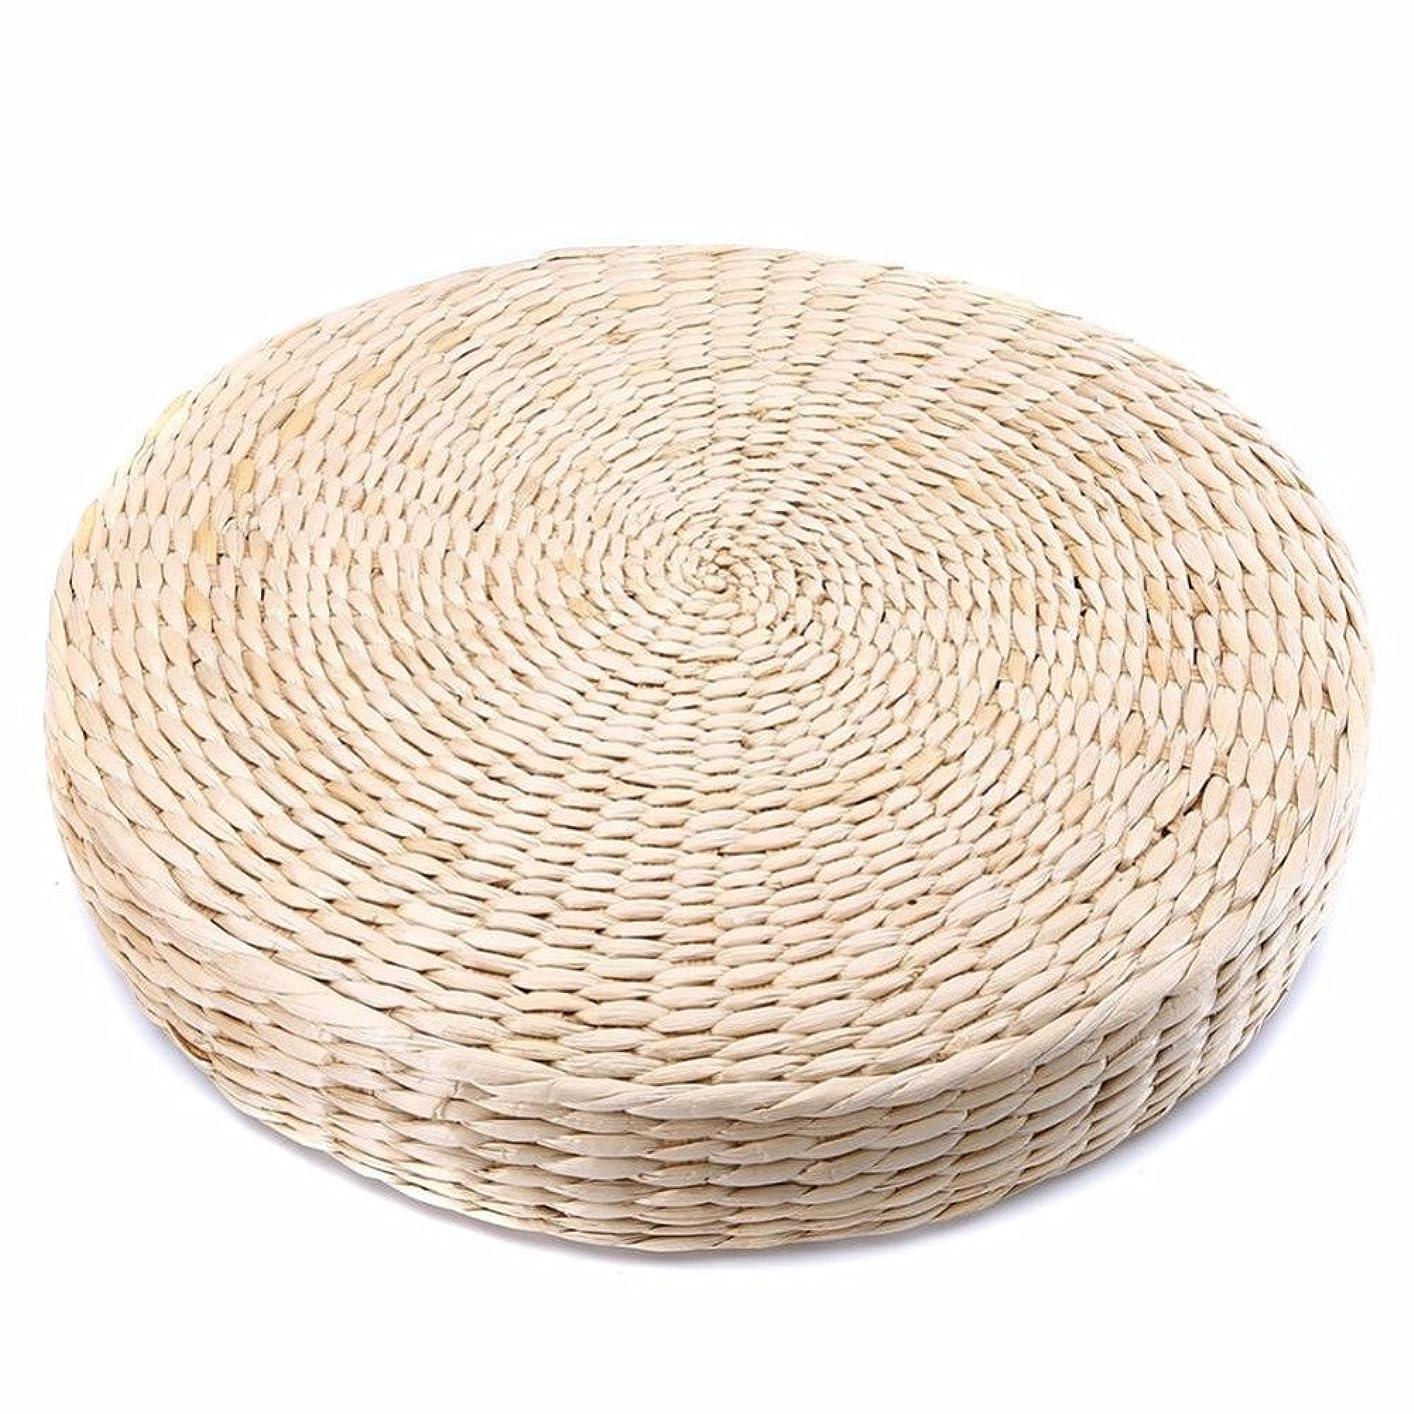 競争間に合わせなめらかな座布団 クッション フロアマット 籐畳 手織り ヨガ 丸型 フロアマット 装飾 40×6cm 高弾性プラスチックコア ベージュ